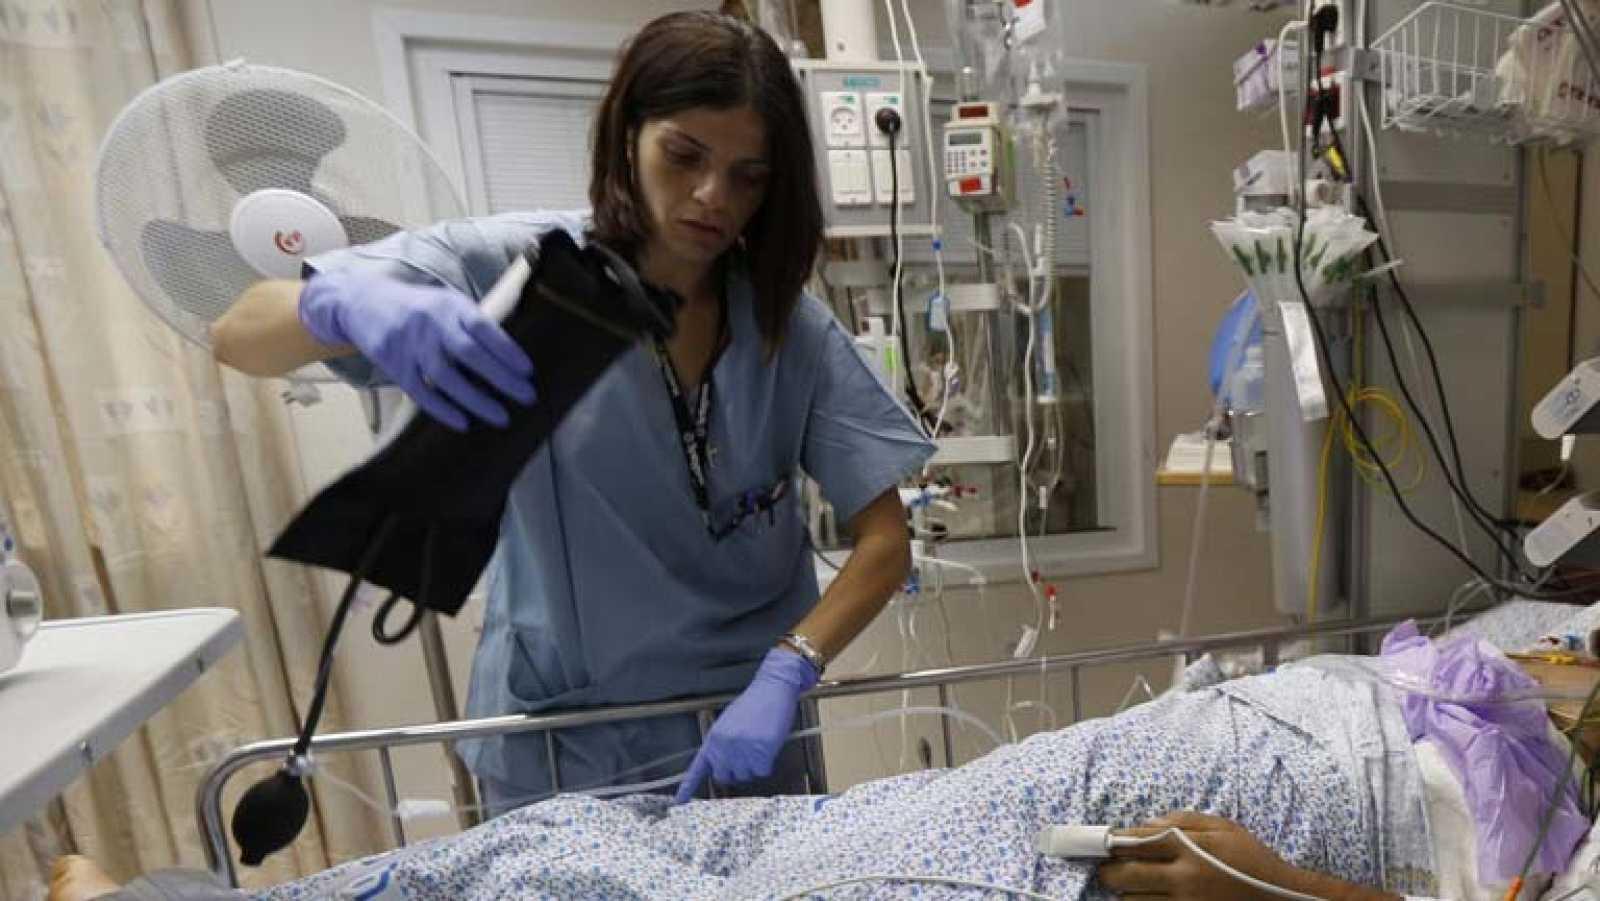 En Urgencias se habla mucho de la sugerencia de multar a los pacientes por utilizar mal la sanidad pública